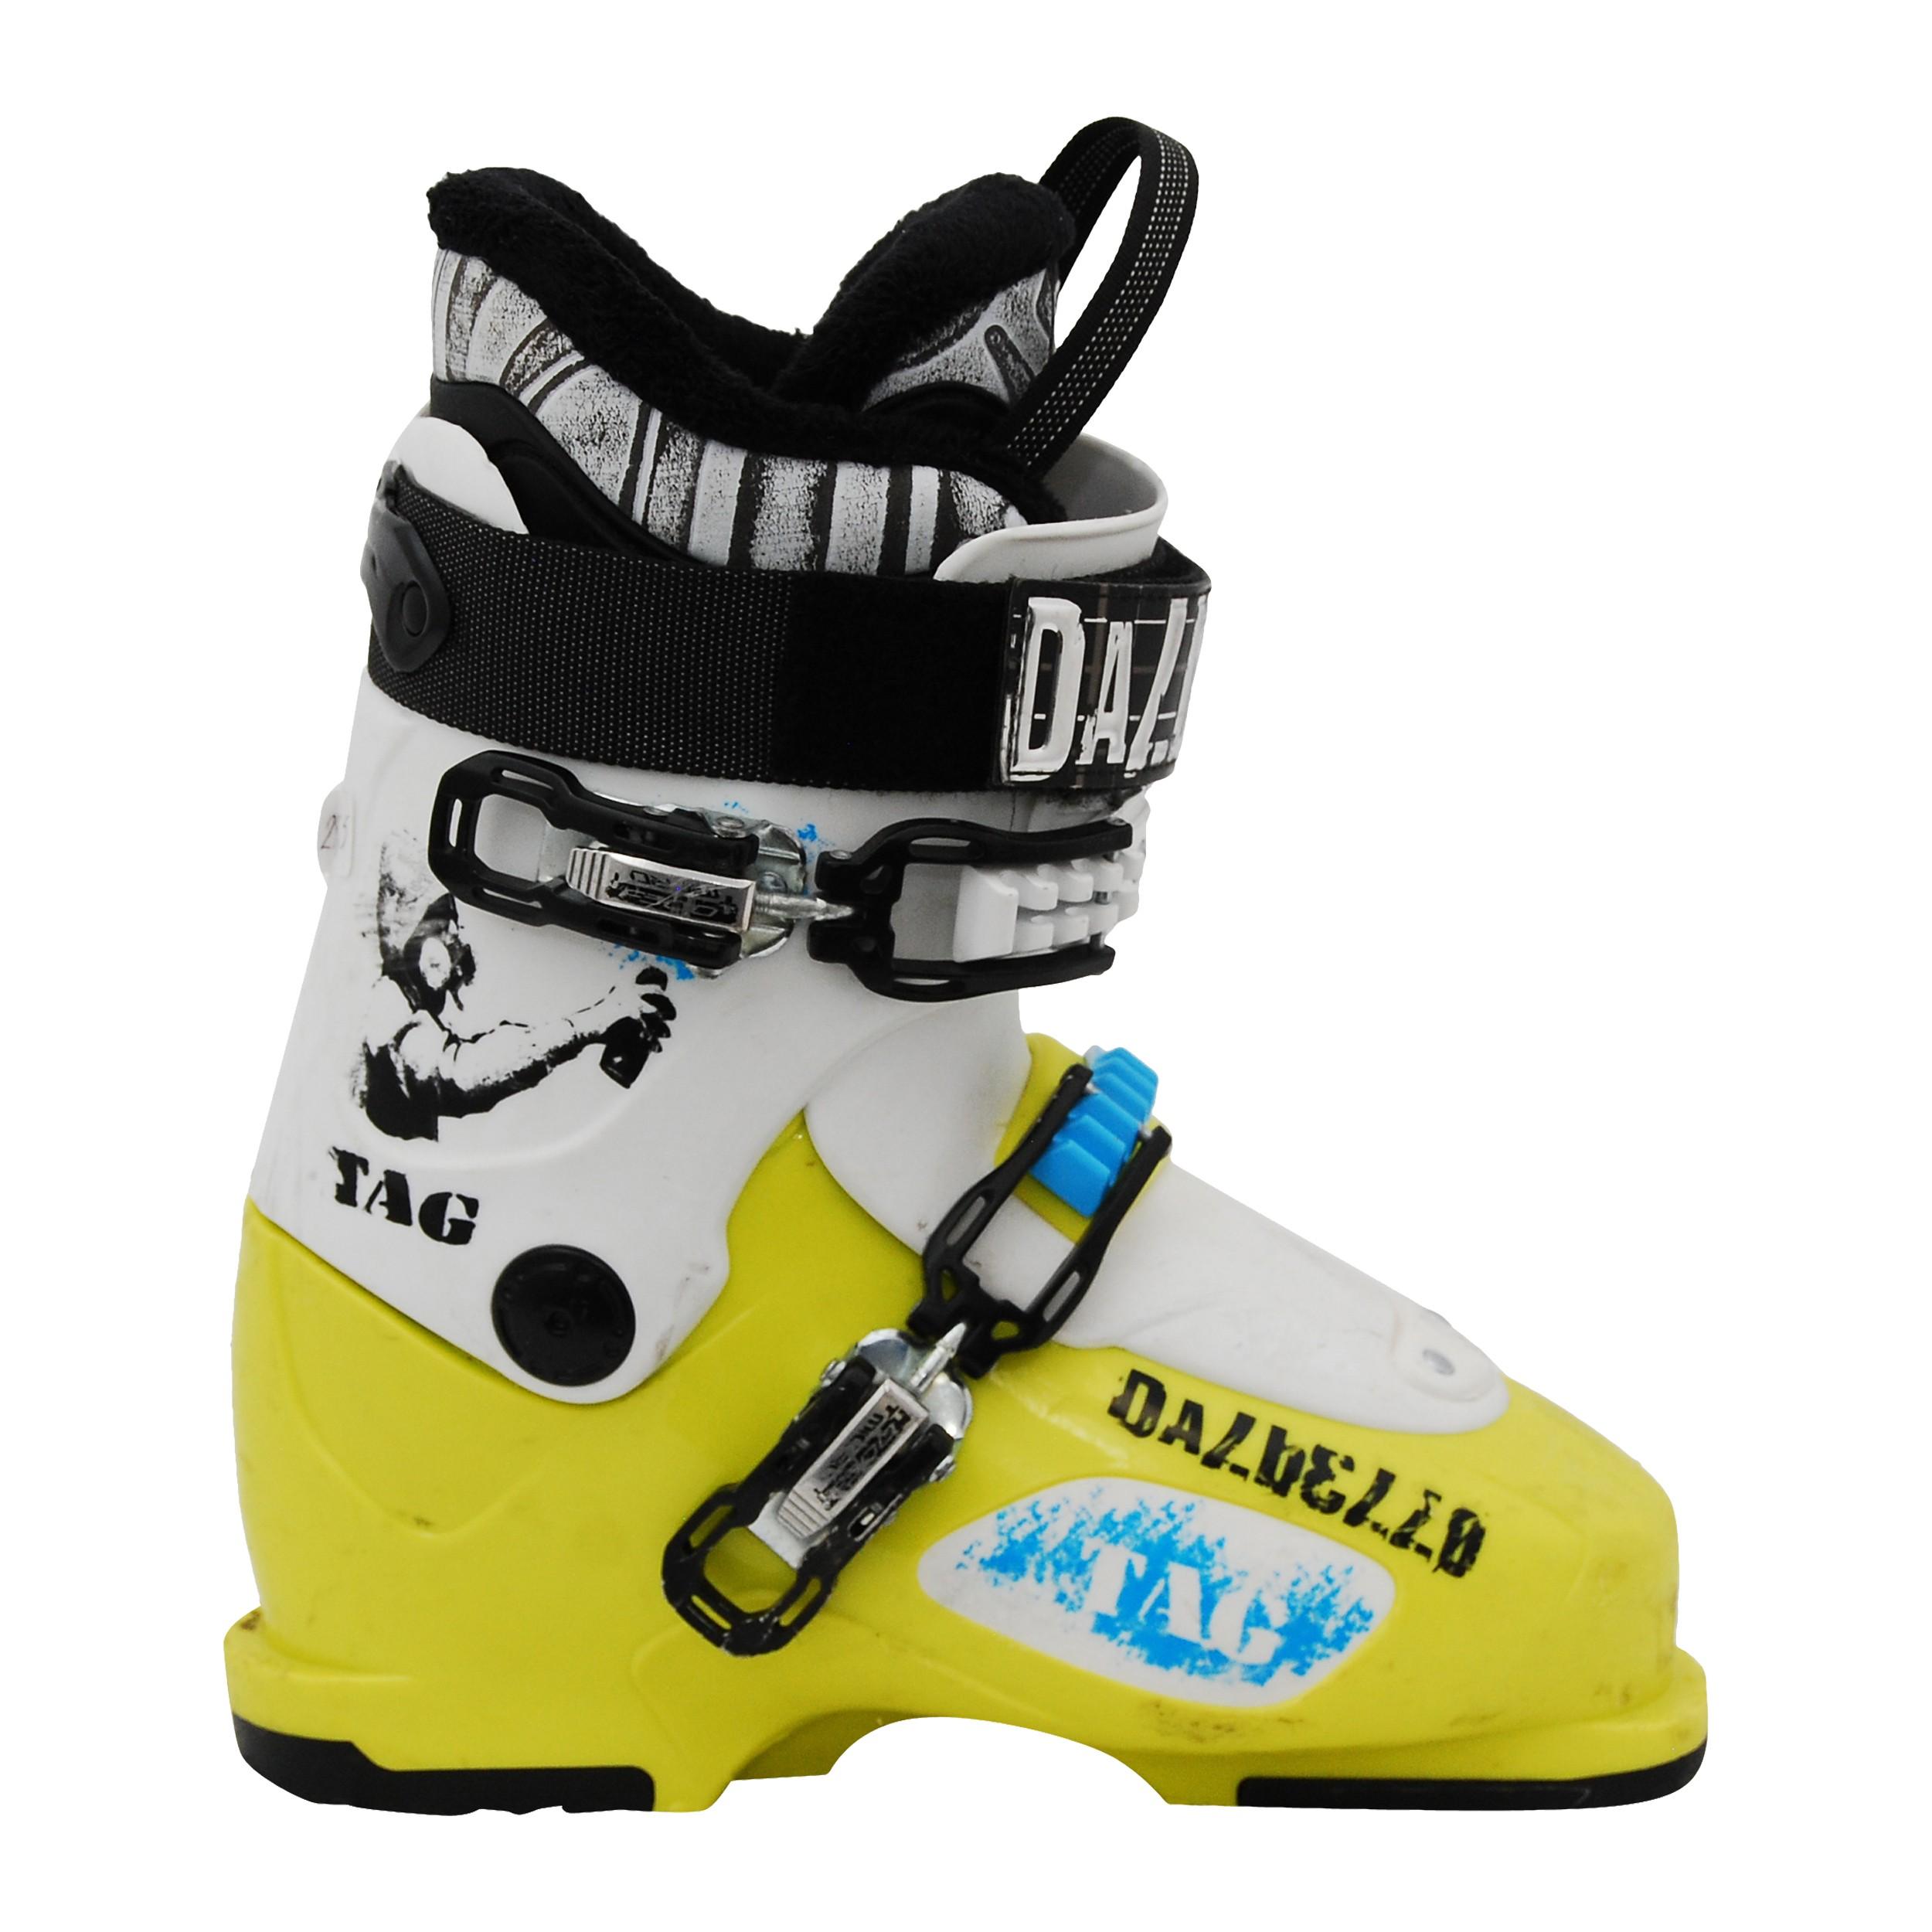 Chaussure de ski occasion junior Dalbello Tag